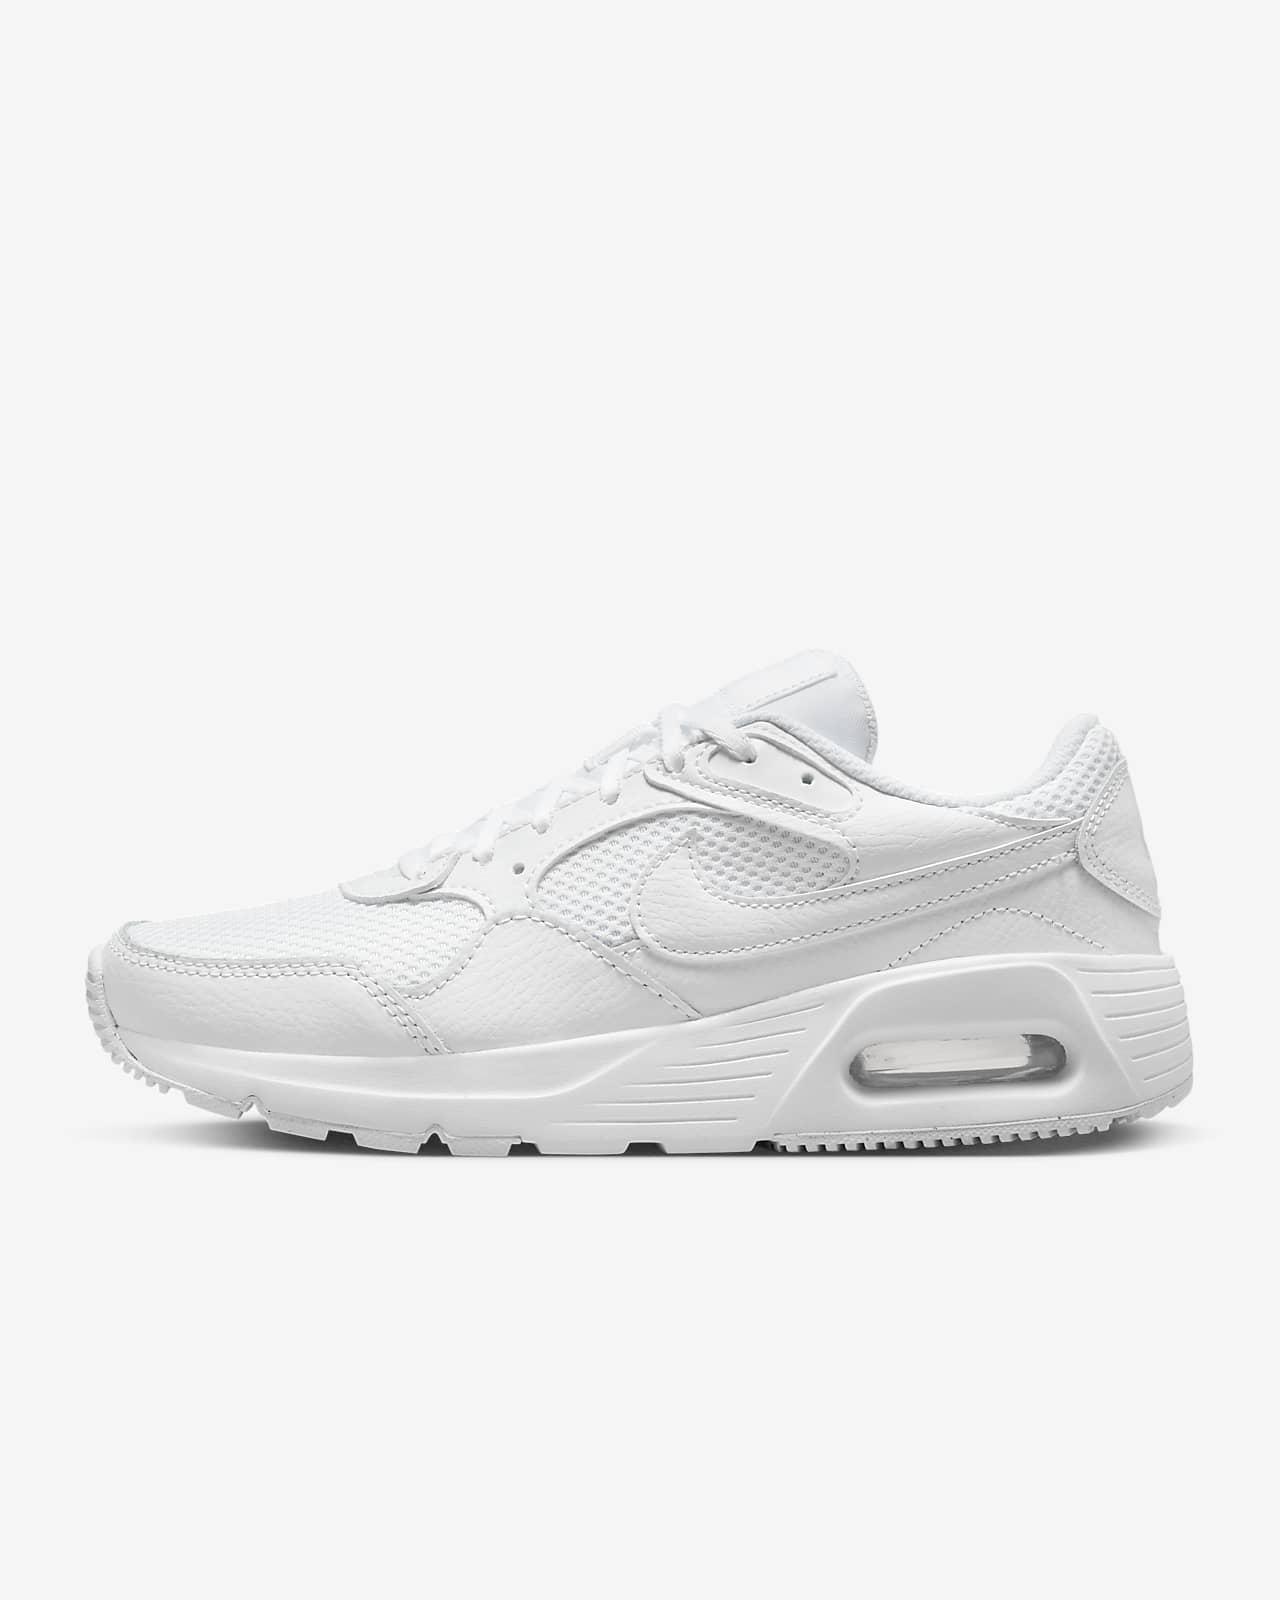 Γυναικείο παπούτσι Nike Air Max SC